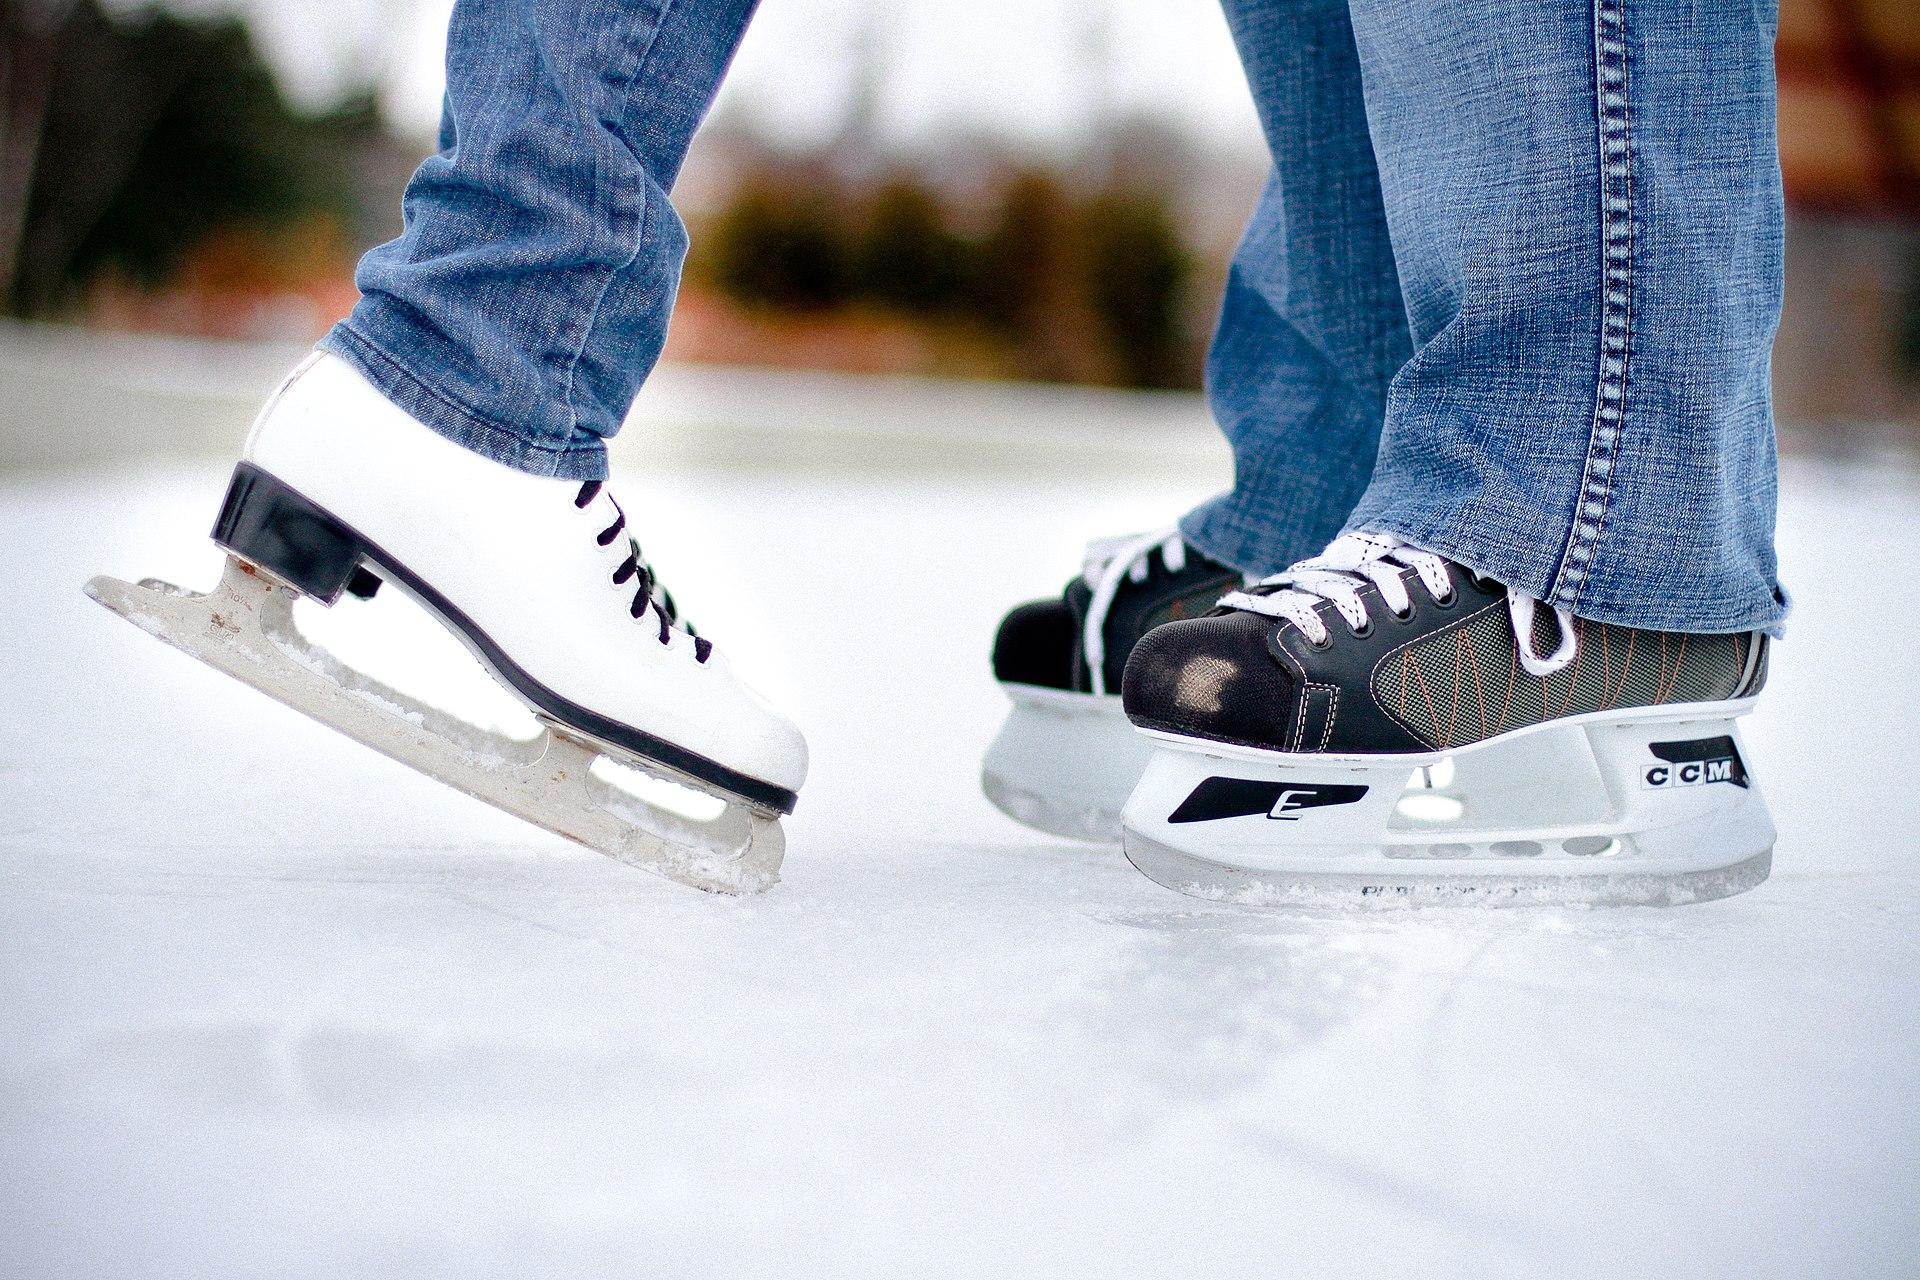 Kiss the ice.jpg